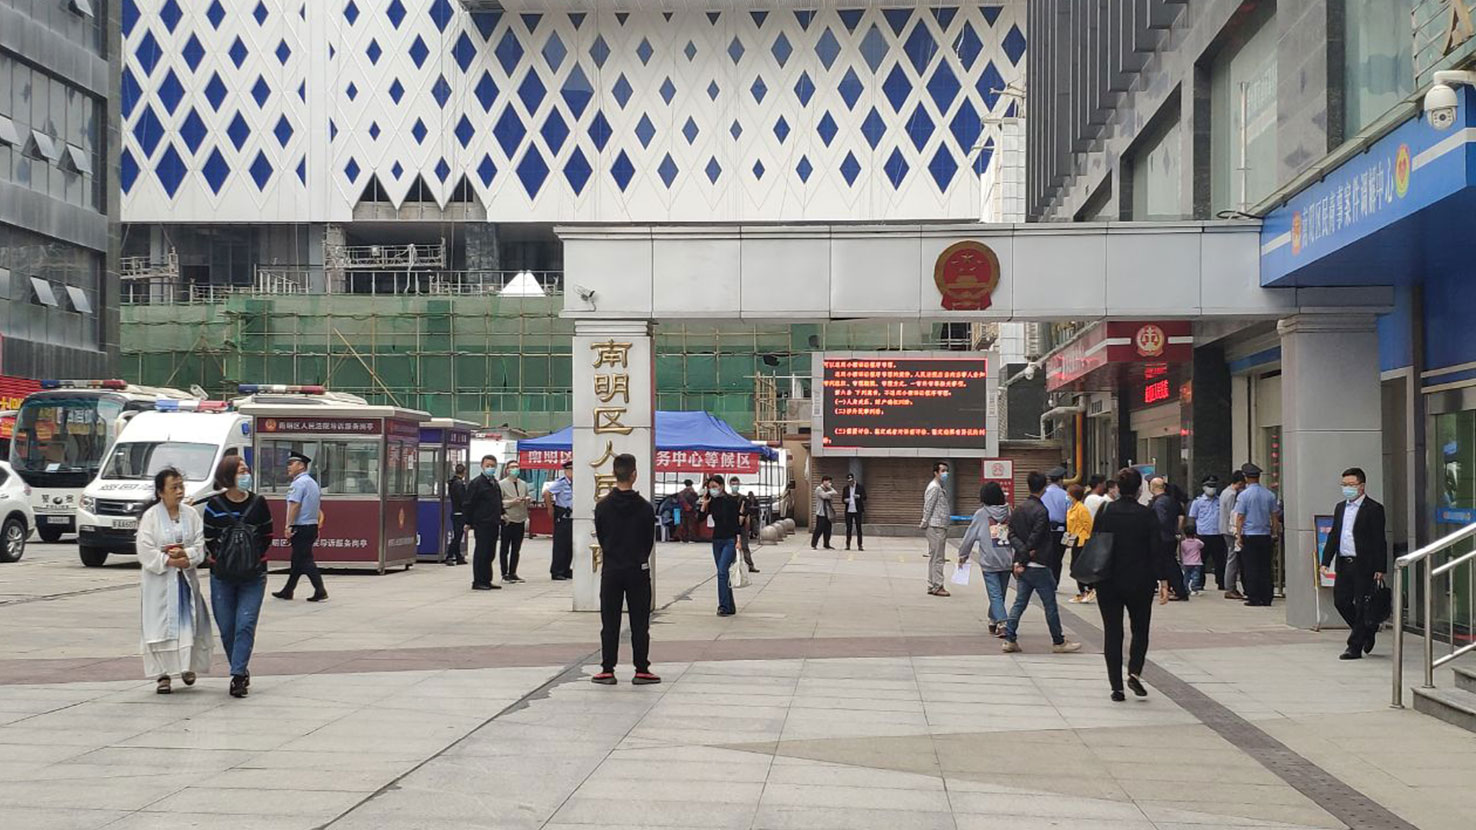 """2020年5月13日,张贾龙涉嫌""""寻衅滋事""""案在贵阳市南明区法院(图)完成庭审。(被访者提供)"""